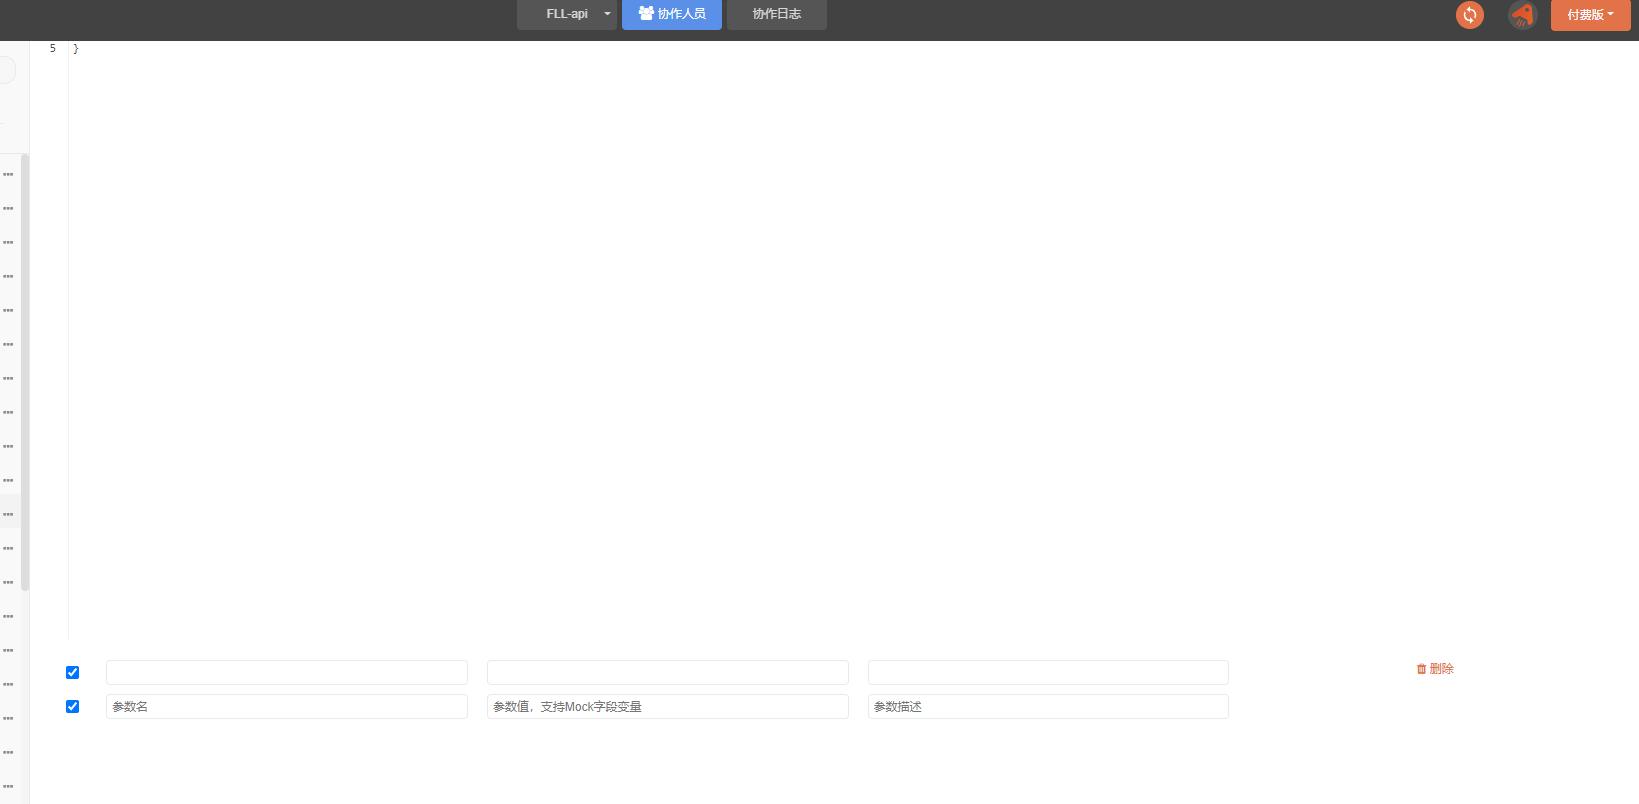 有时候用着用着,页面突然变成这个样子,恢复不了,只能重新关闭在打开